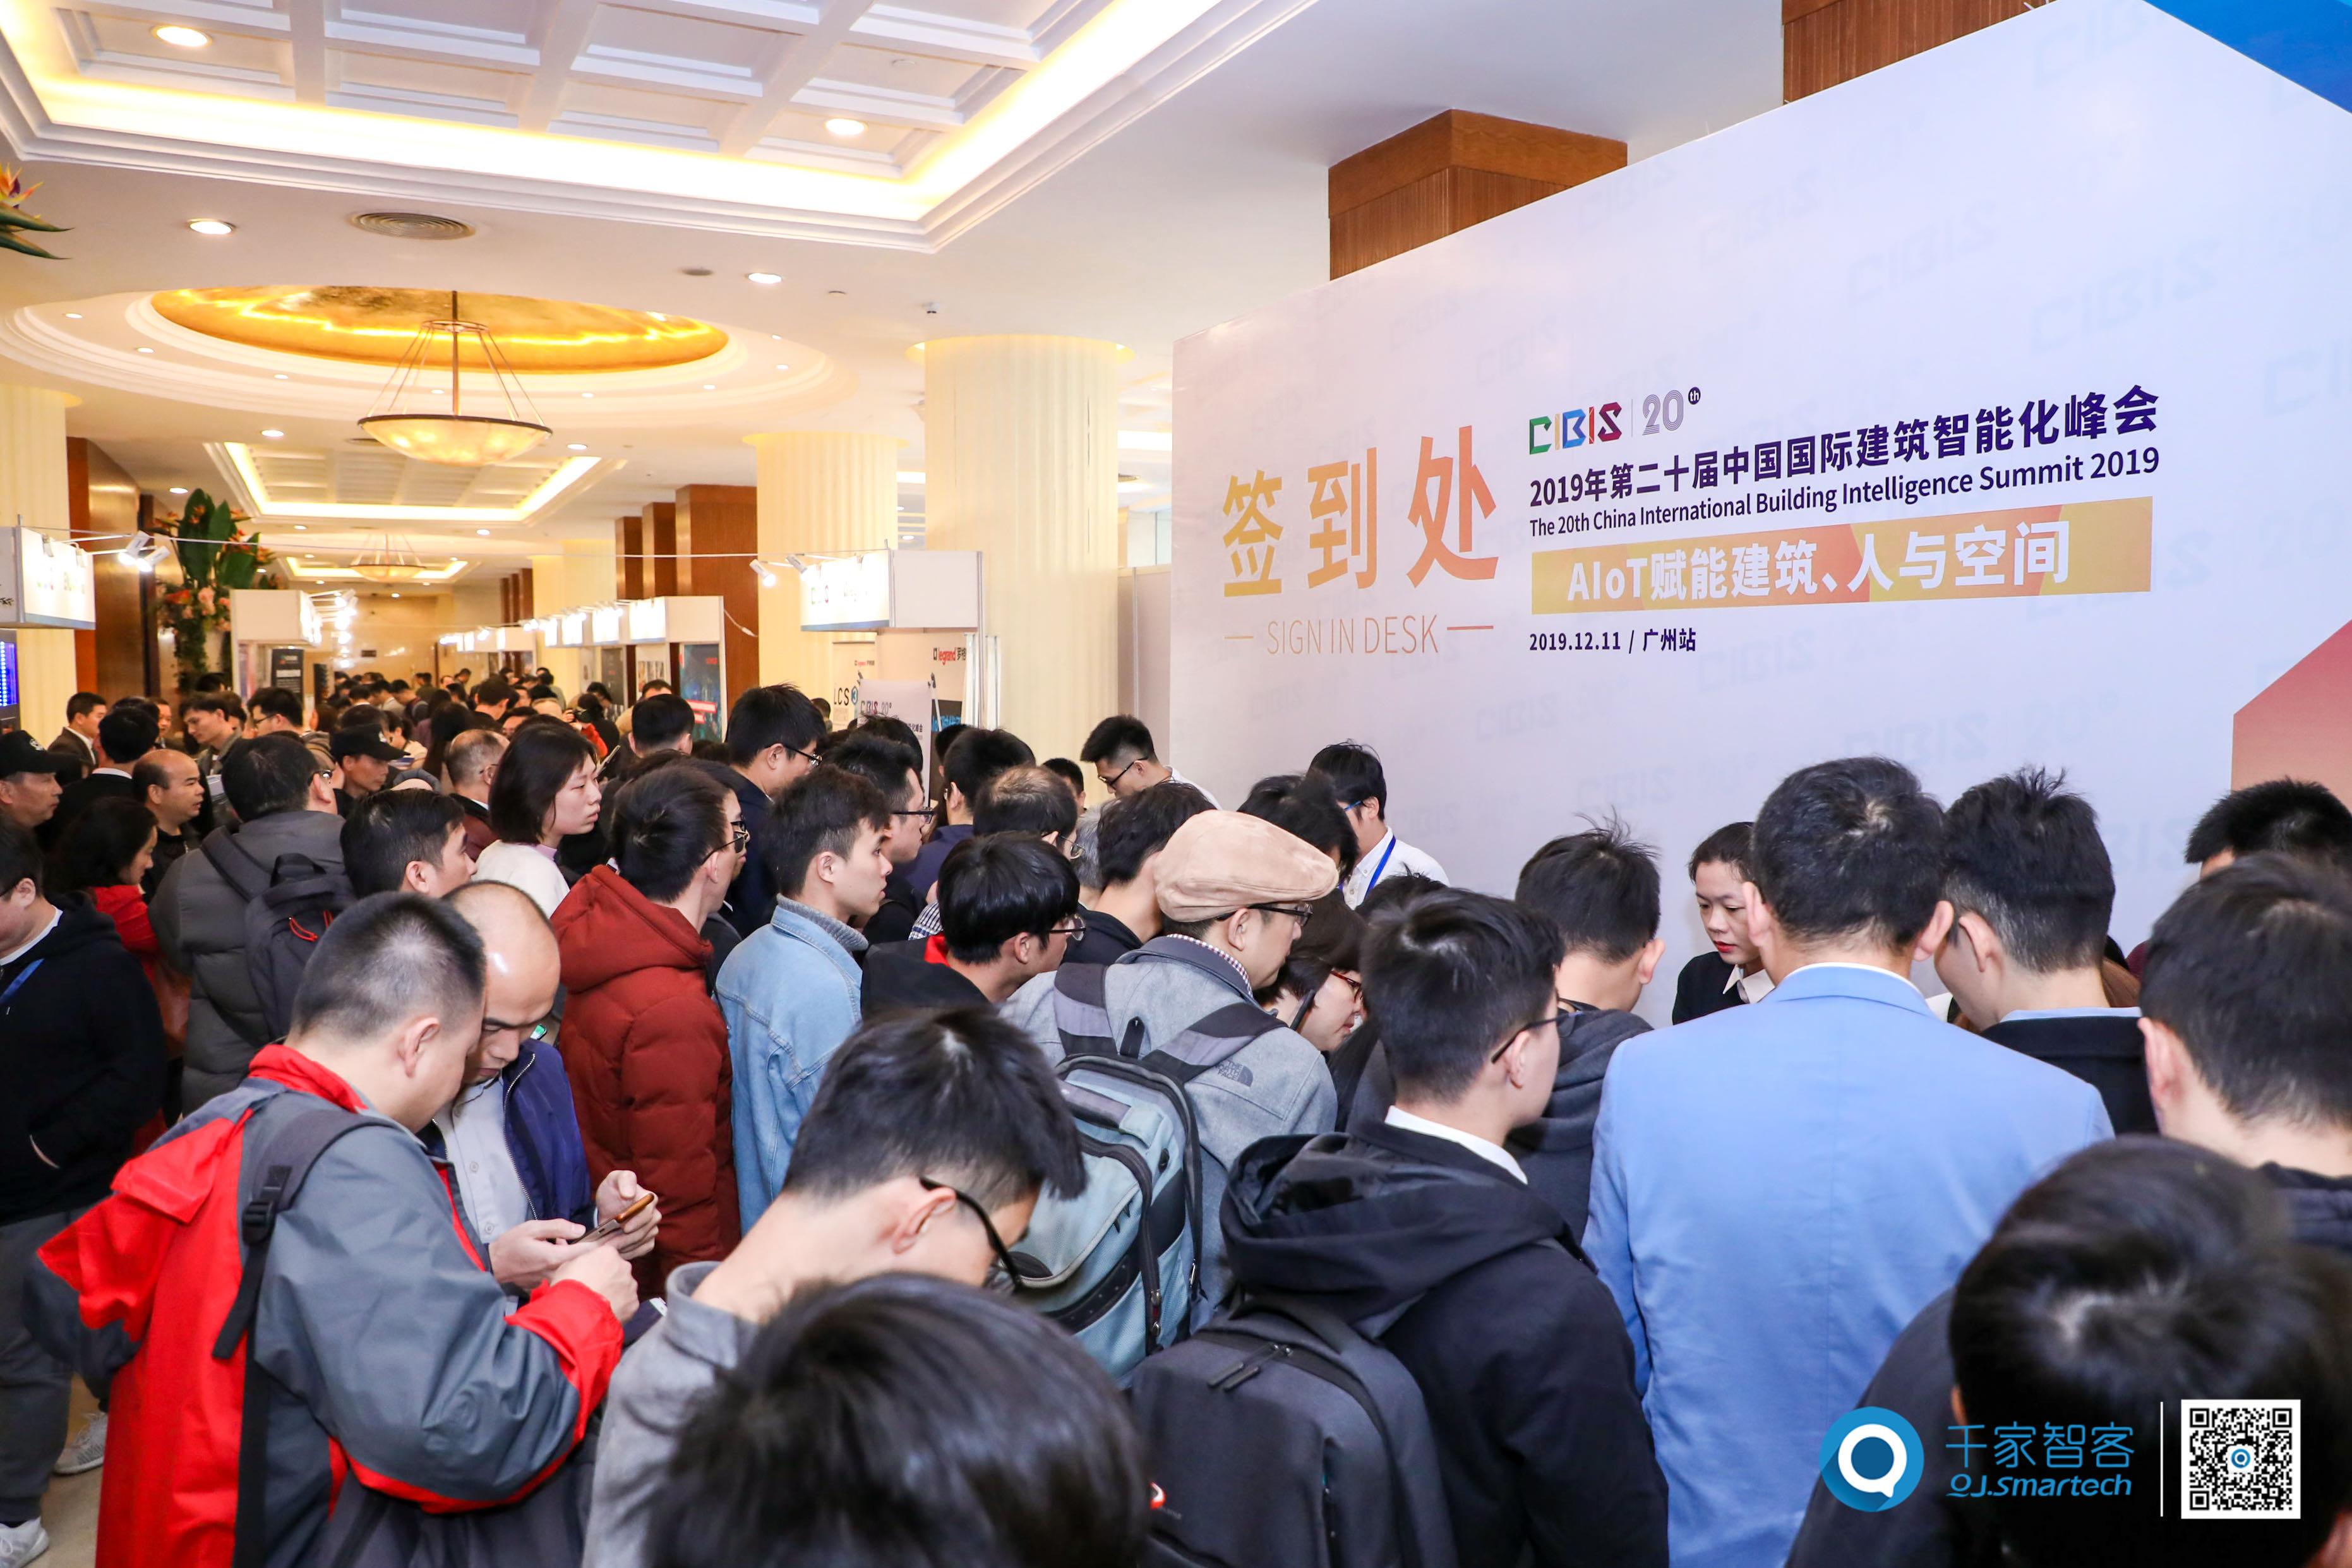 AIoT賦能建筑、人與空間——2019年第二十屆中國國際建筑智能化峰會圓滿收官!